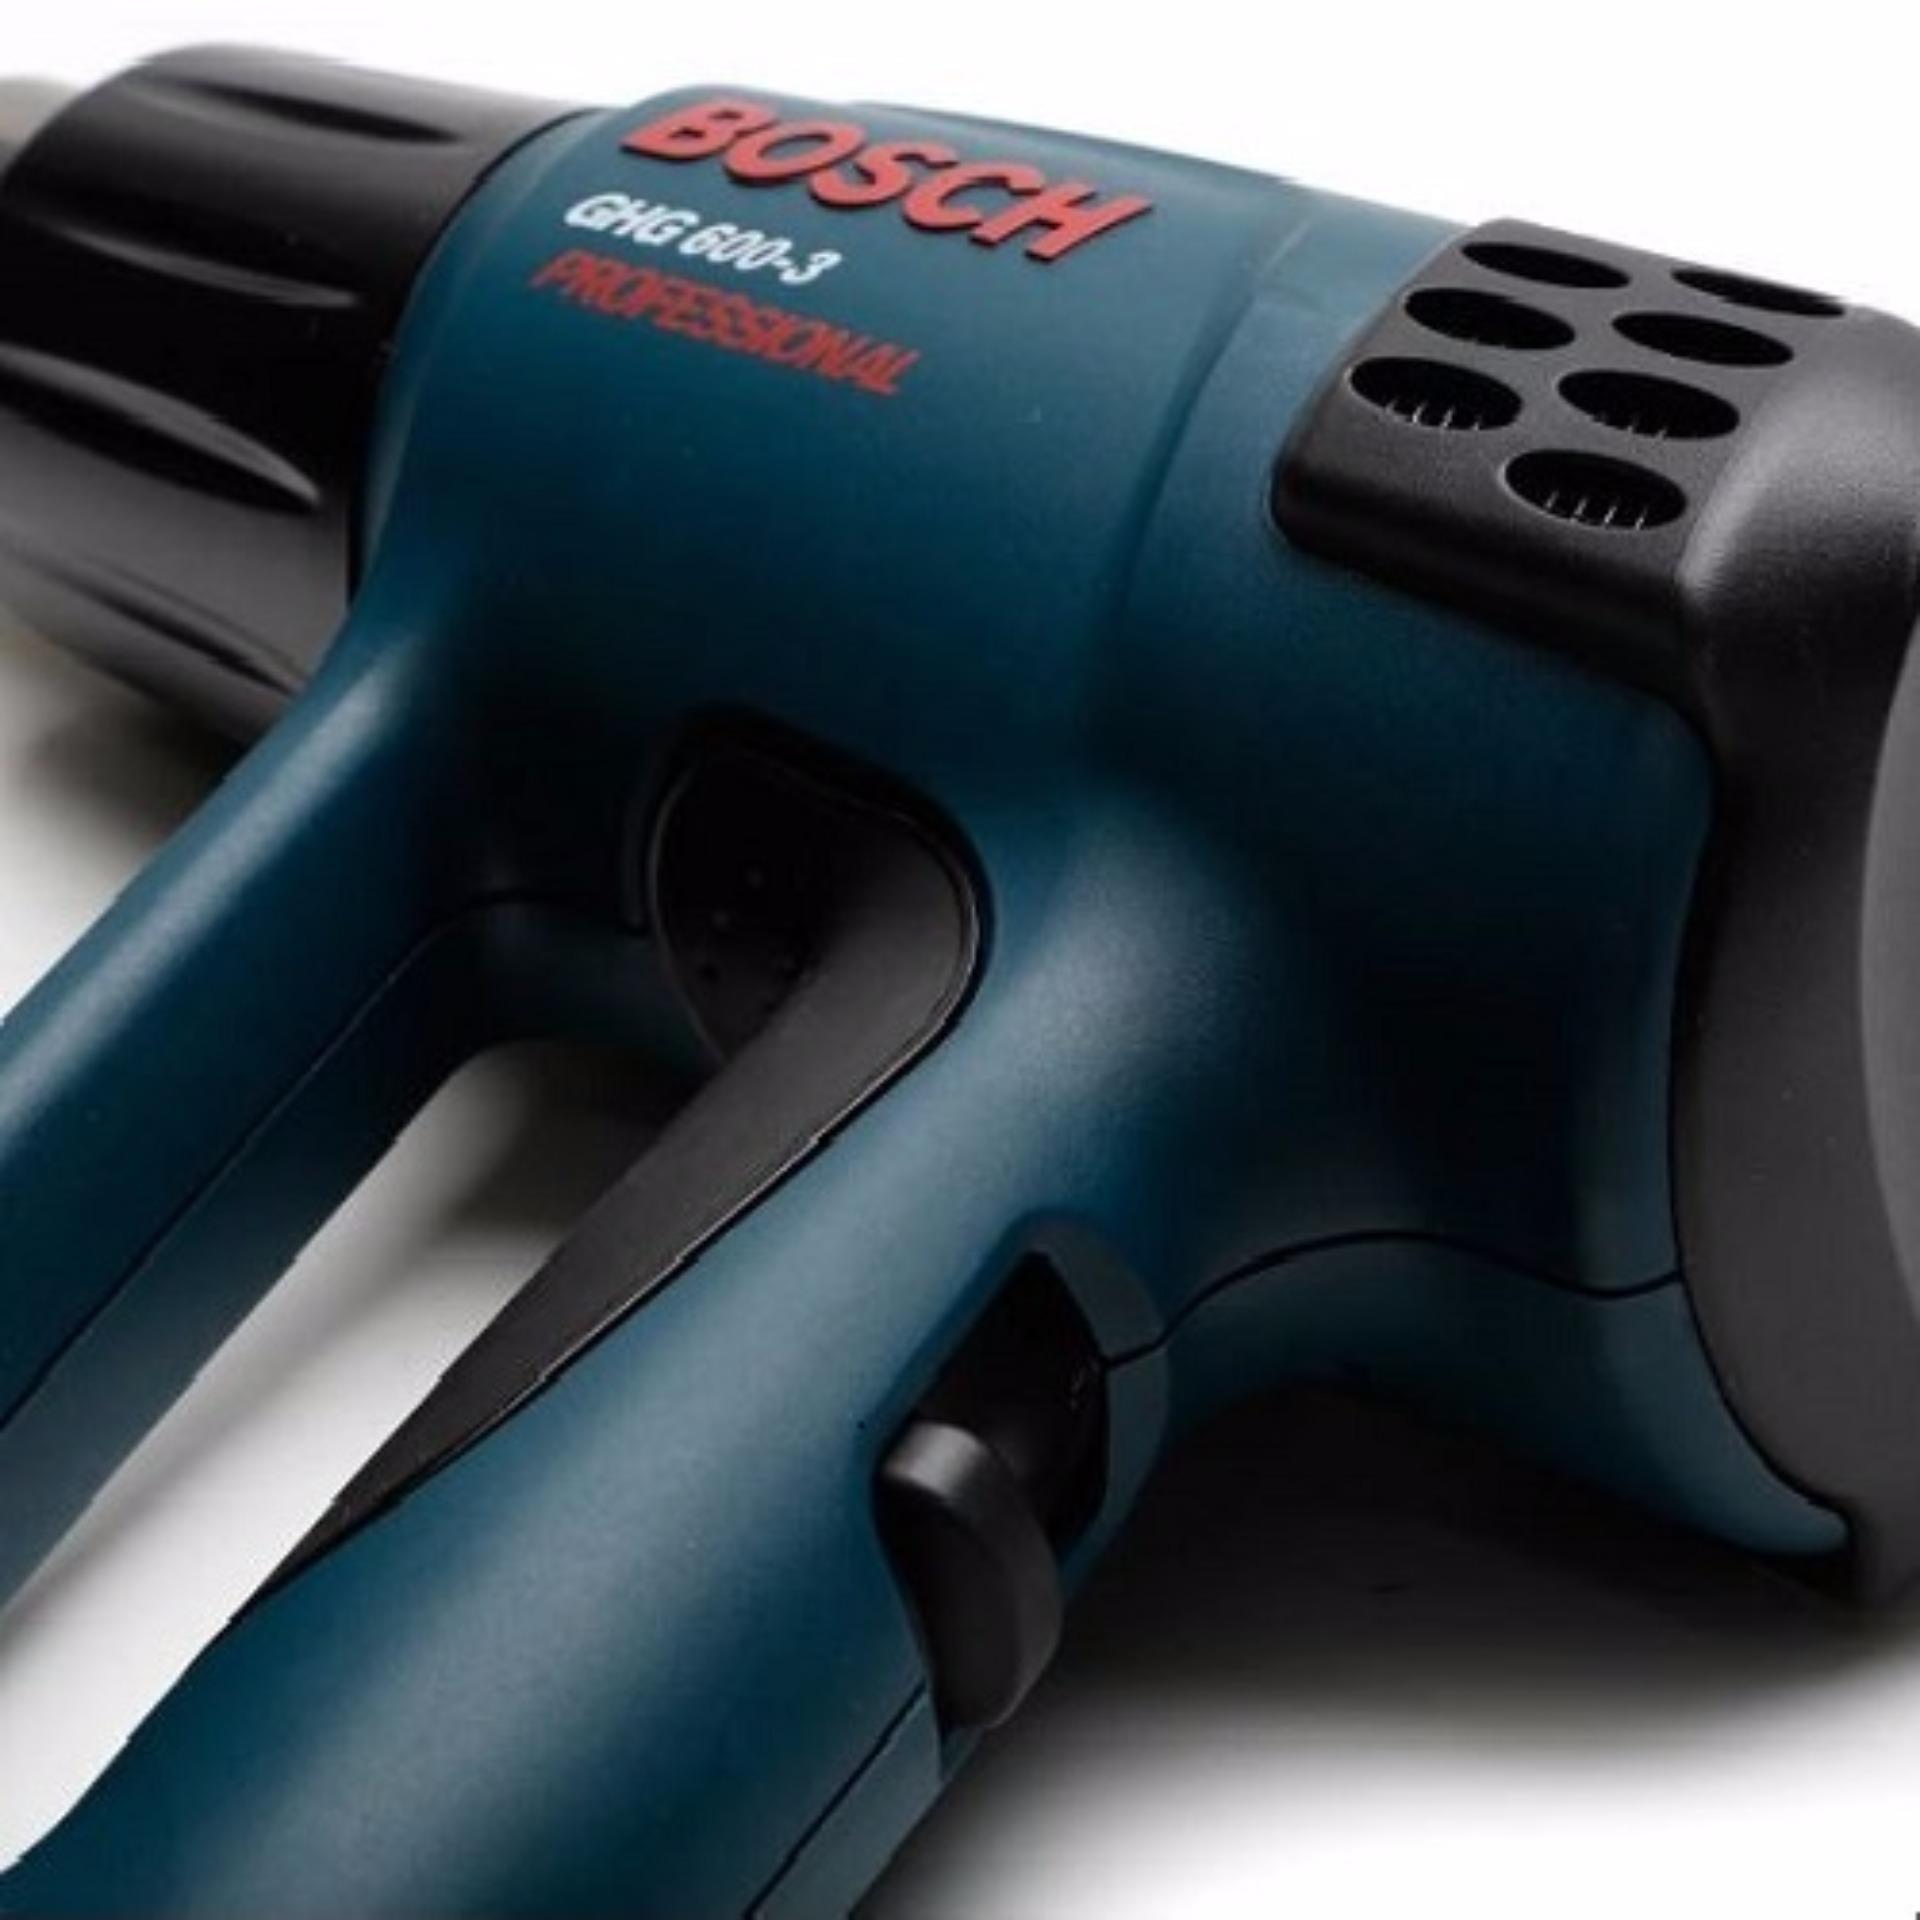 Bosch Ghg 600 3 Hot Air Gun Daftar Harga Terlengkap Indonesia Professional Heat